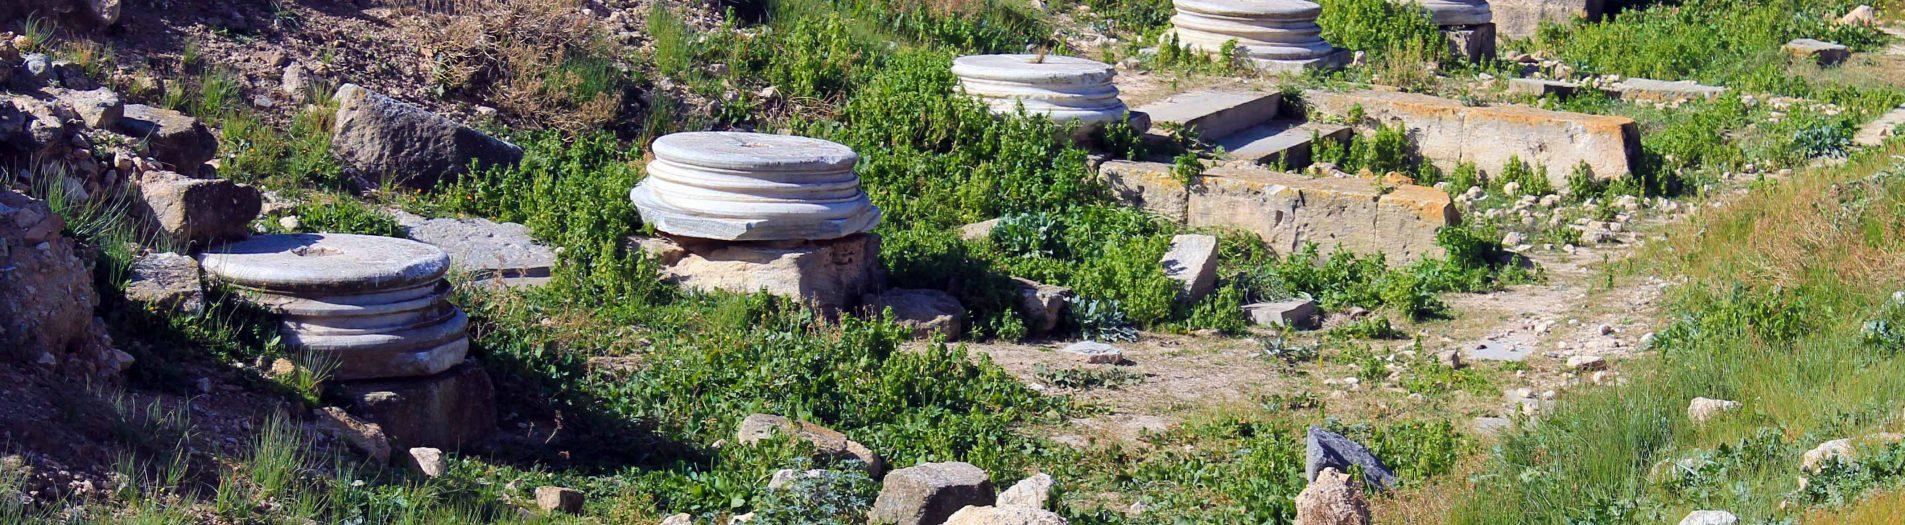 Le site de Rougga ou Bararus à Sfax